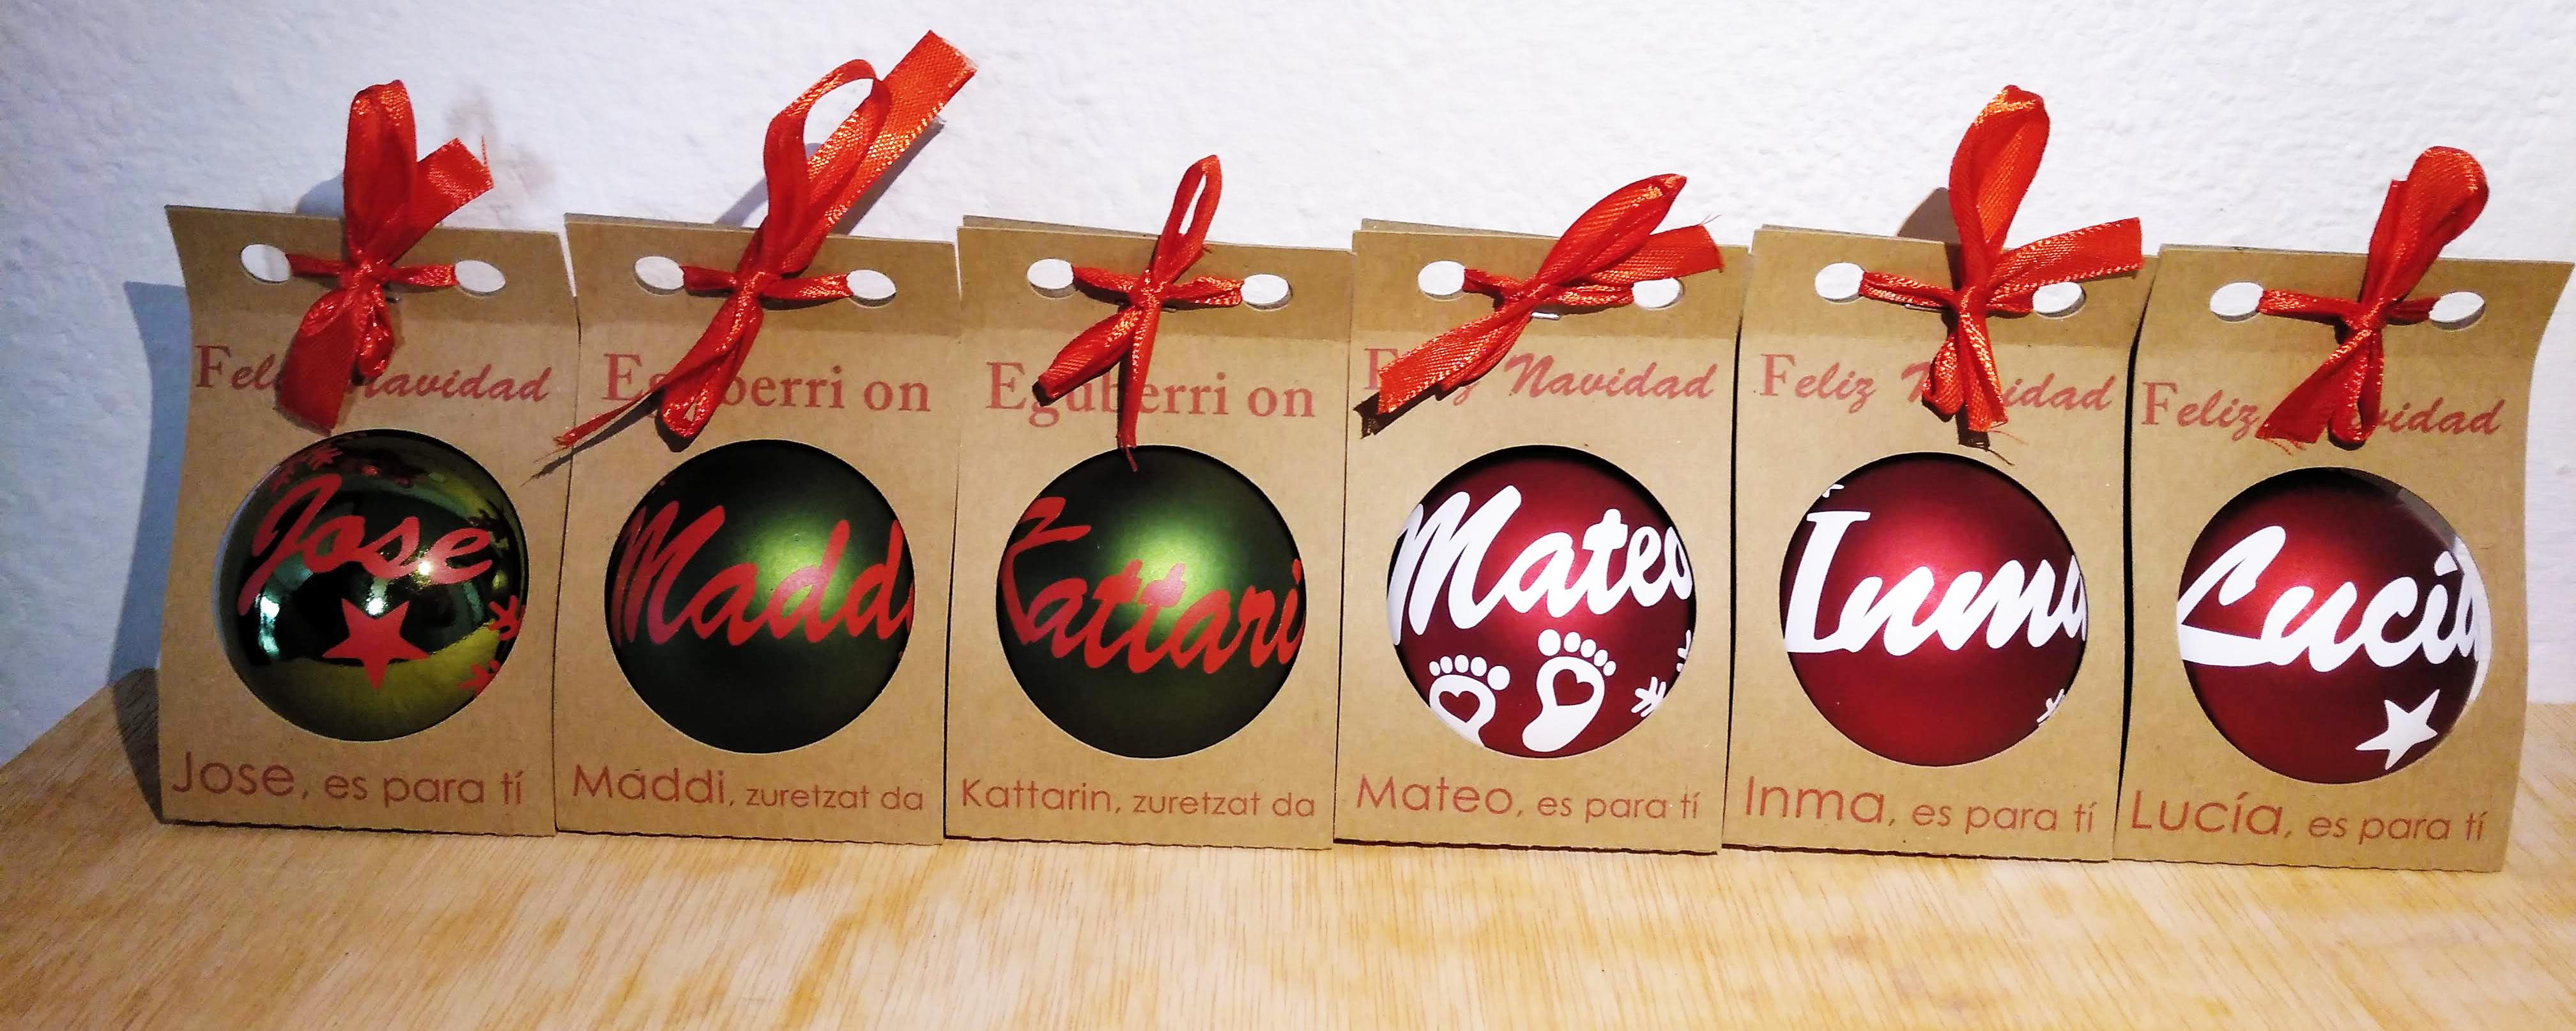 Bolas de navidad tituladas en Euskera